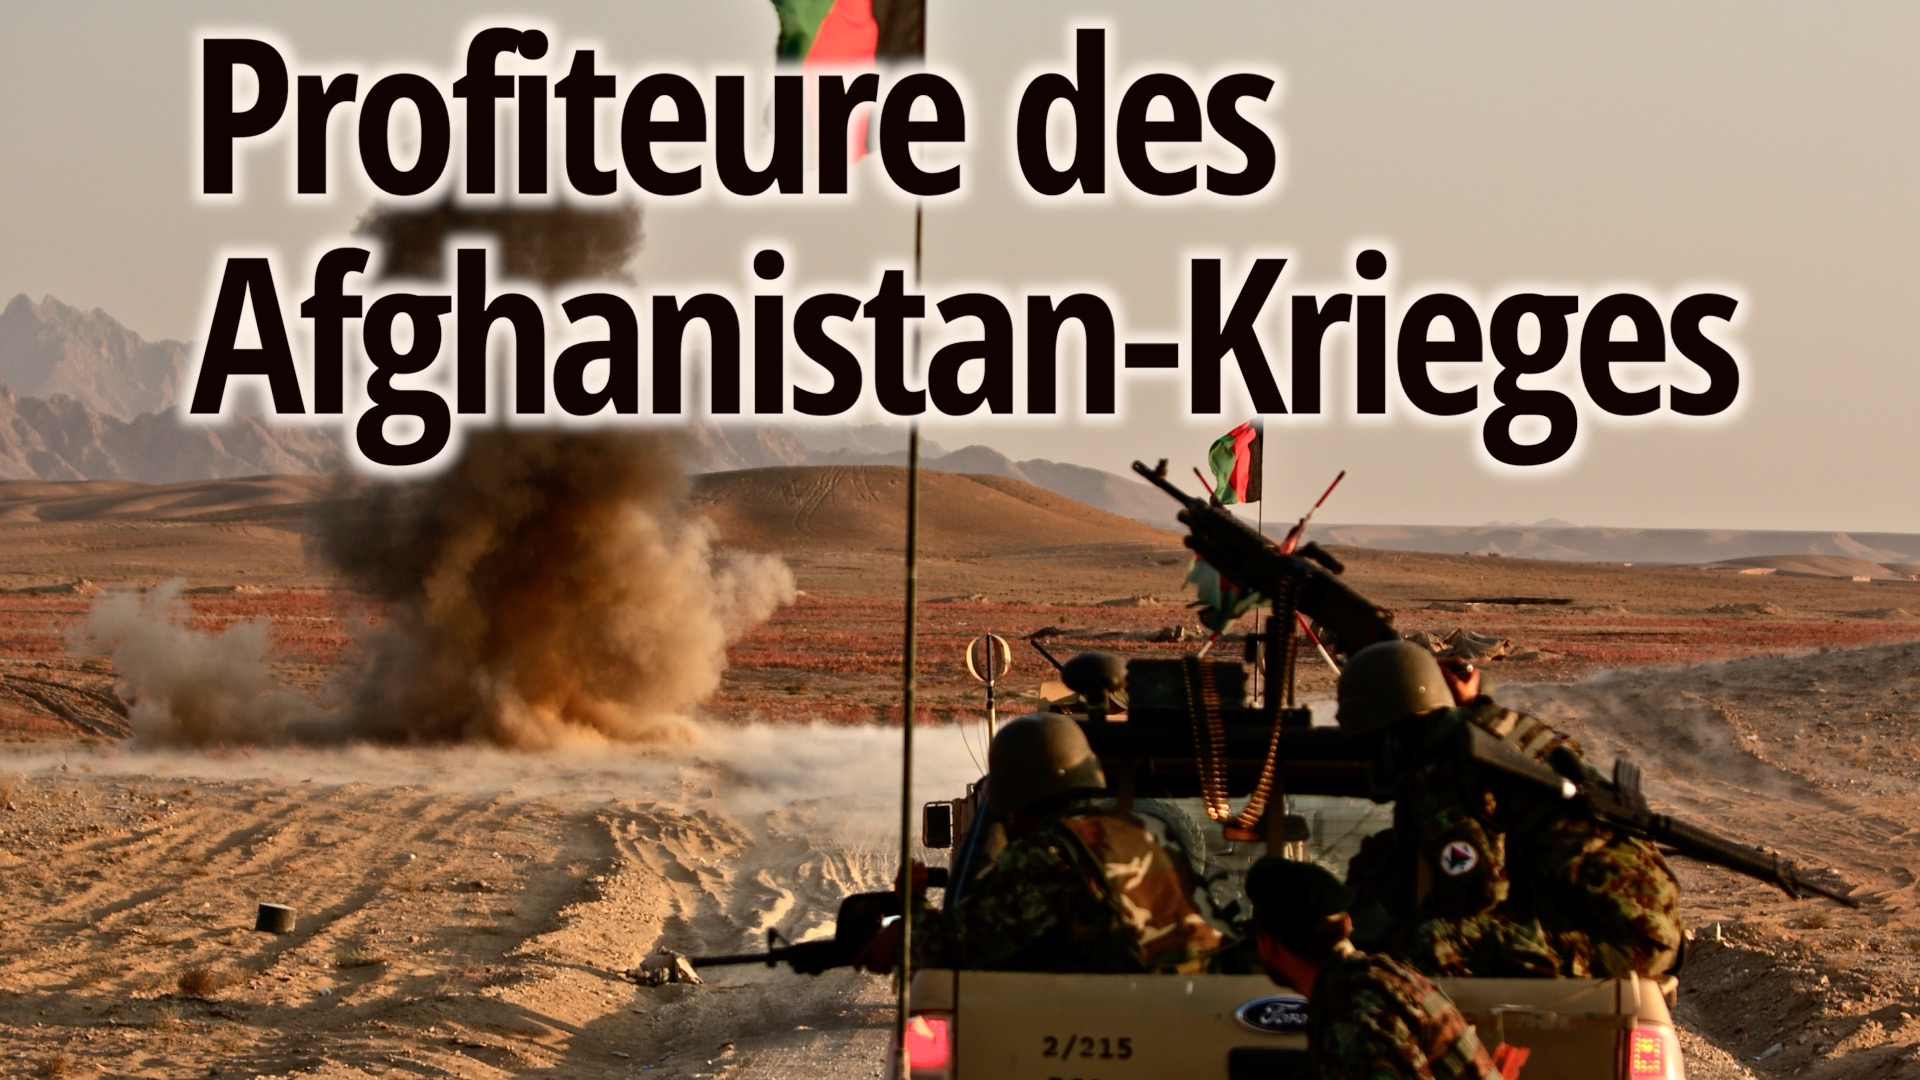 Afghanistan Profiteure des Afghanistan-Krieges: 90% der Ausgaben gingen an militärische Auftragnehmer